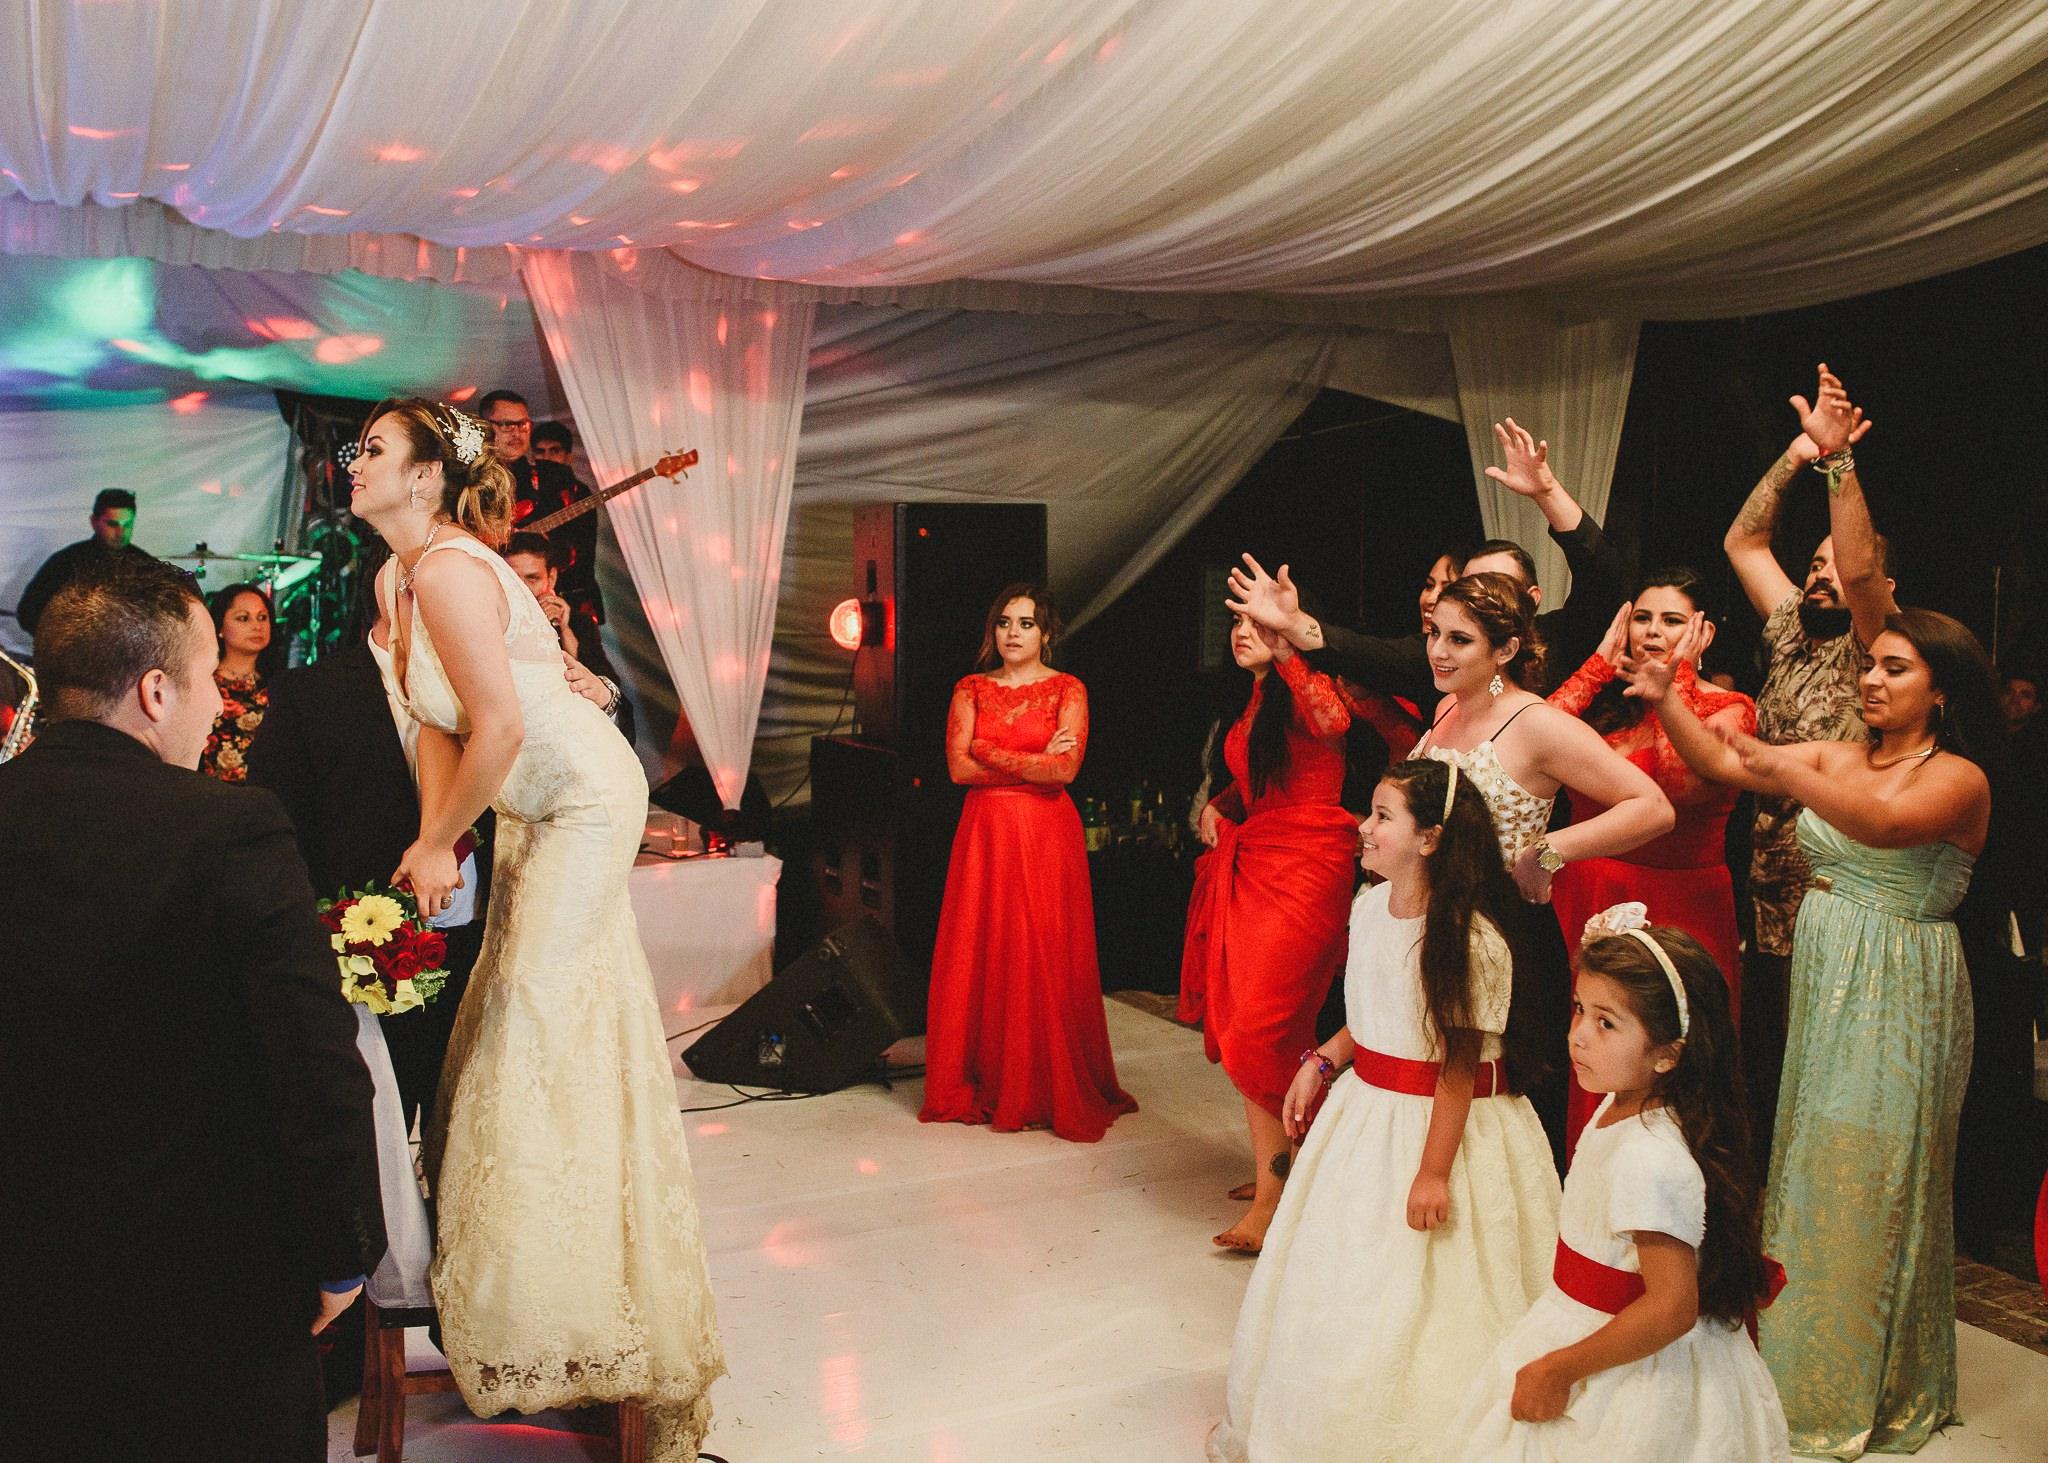 03boda-en-jardin-wedding-hacienda-los-cuartos-fotografo-luis-houdin127